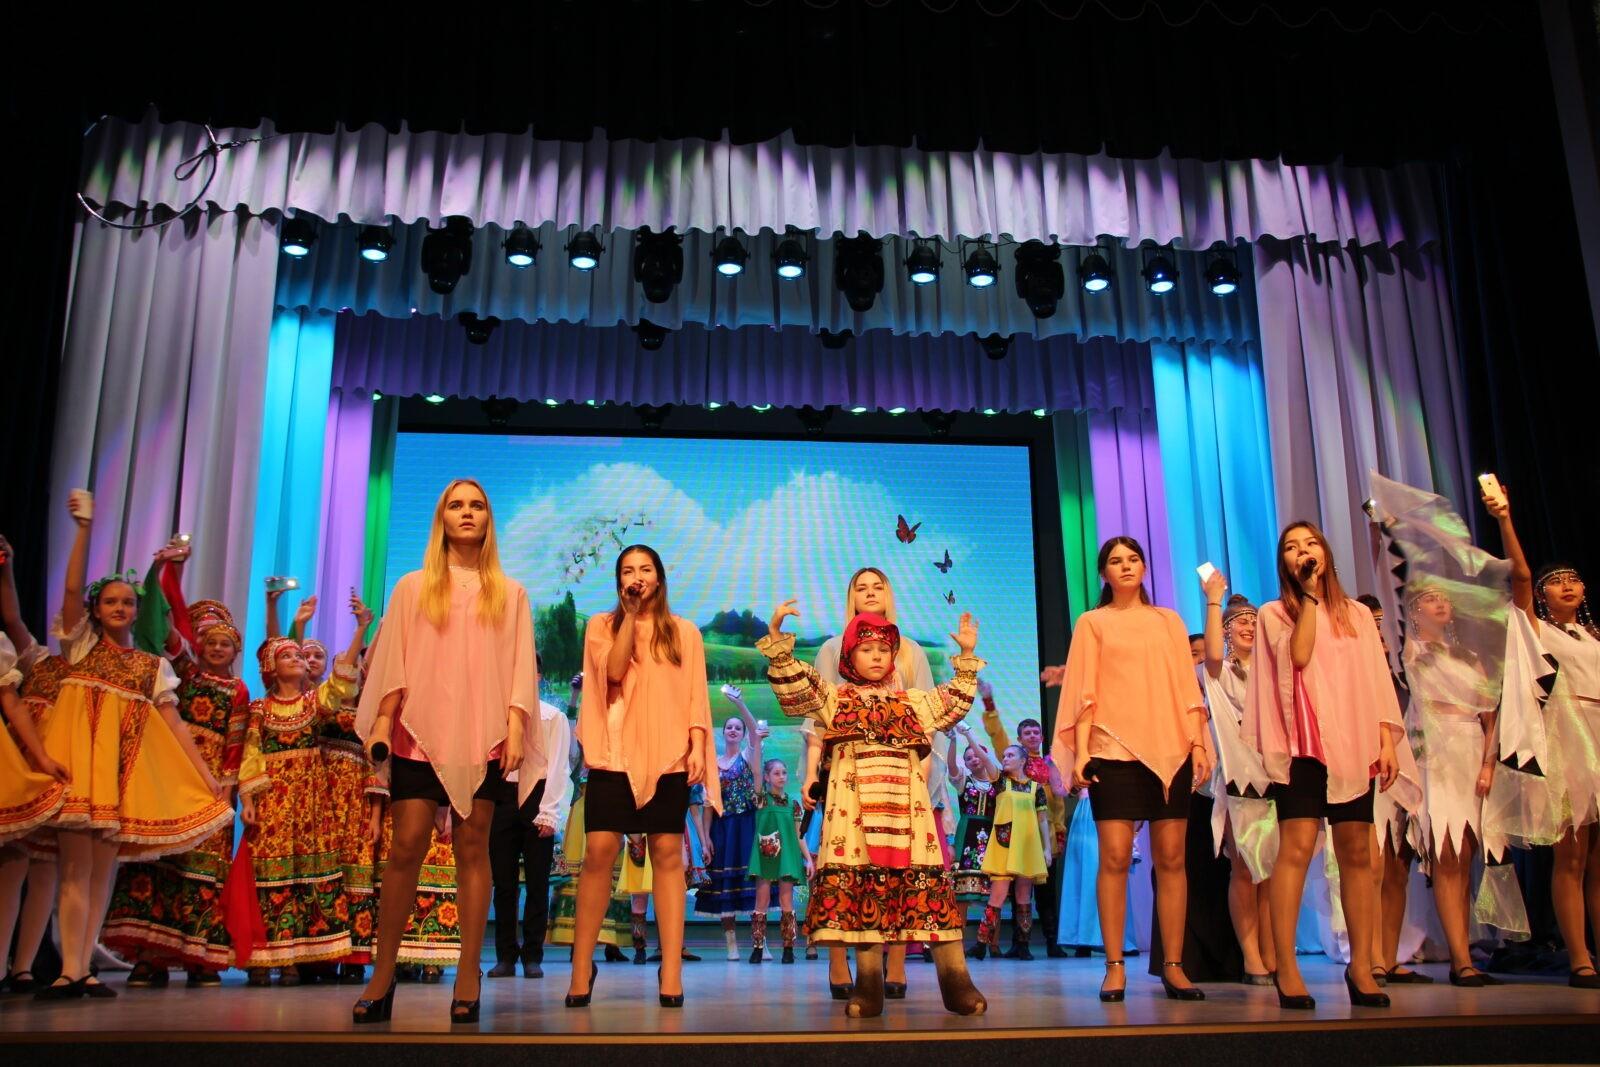 Финские и тверские коллективы выступят на международном концерте в Твери